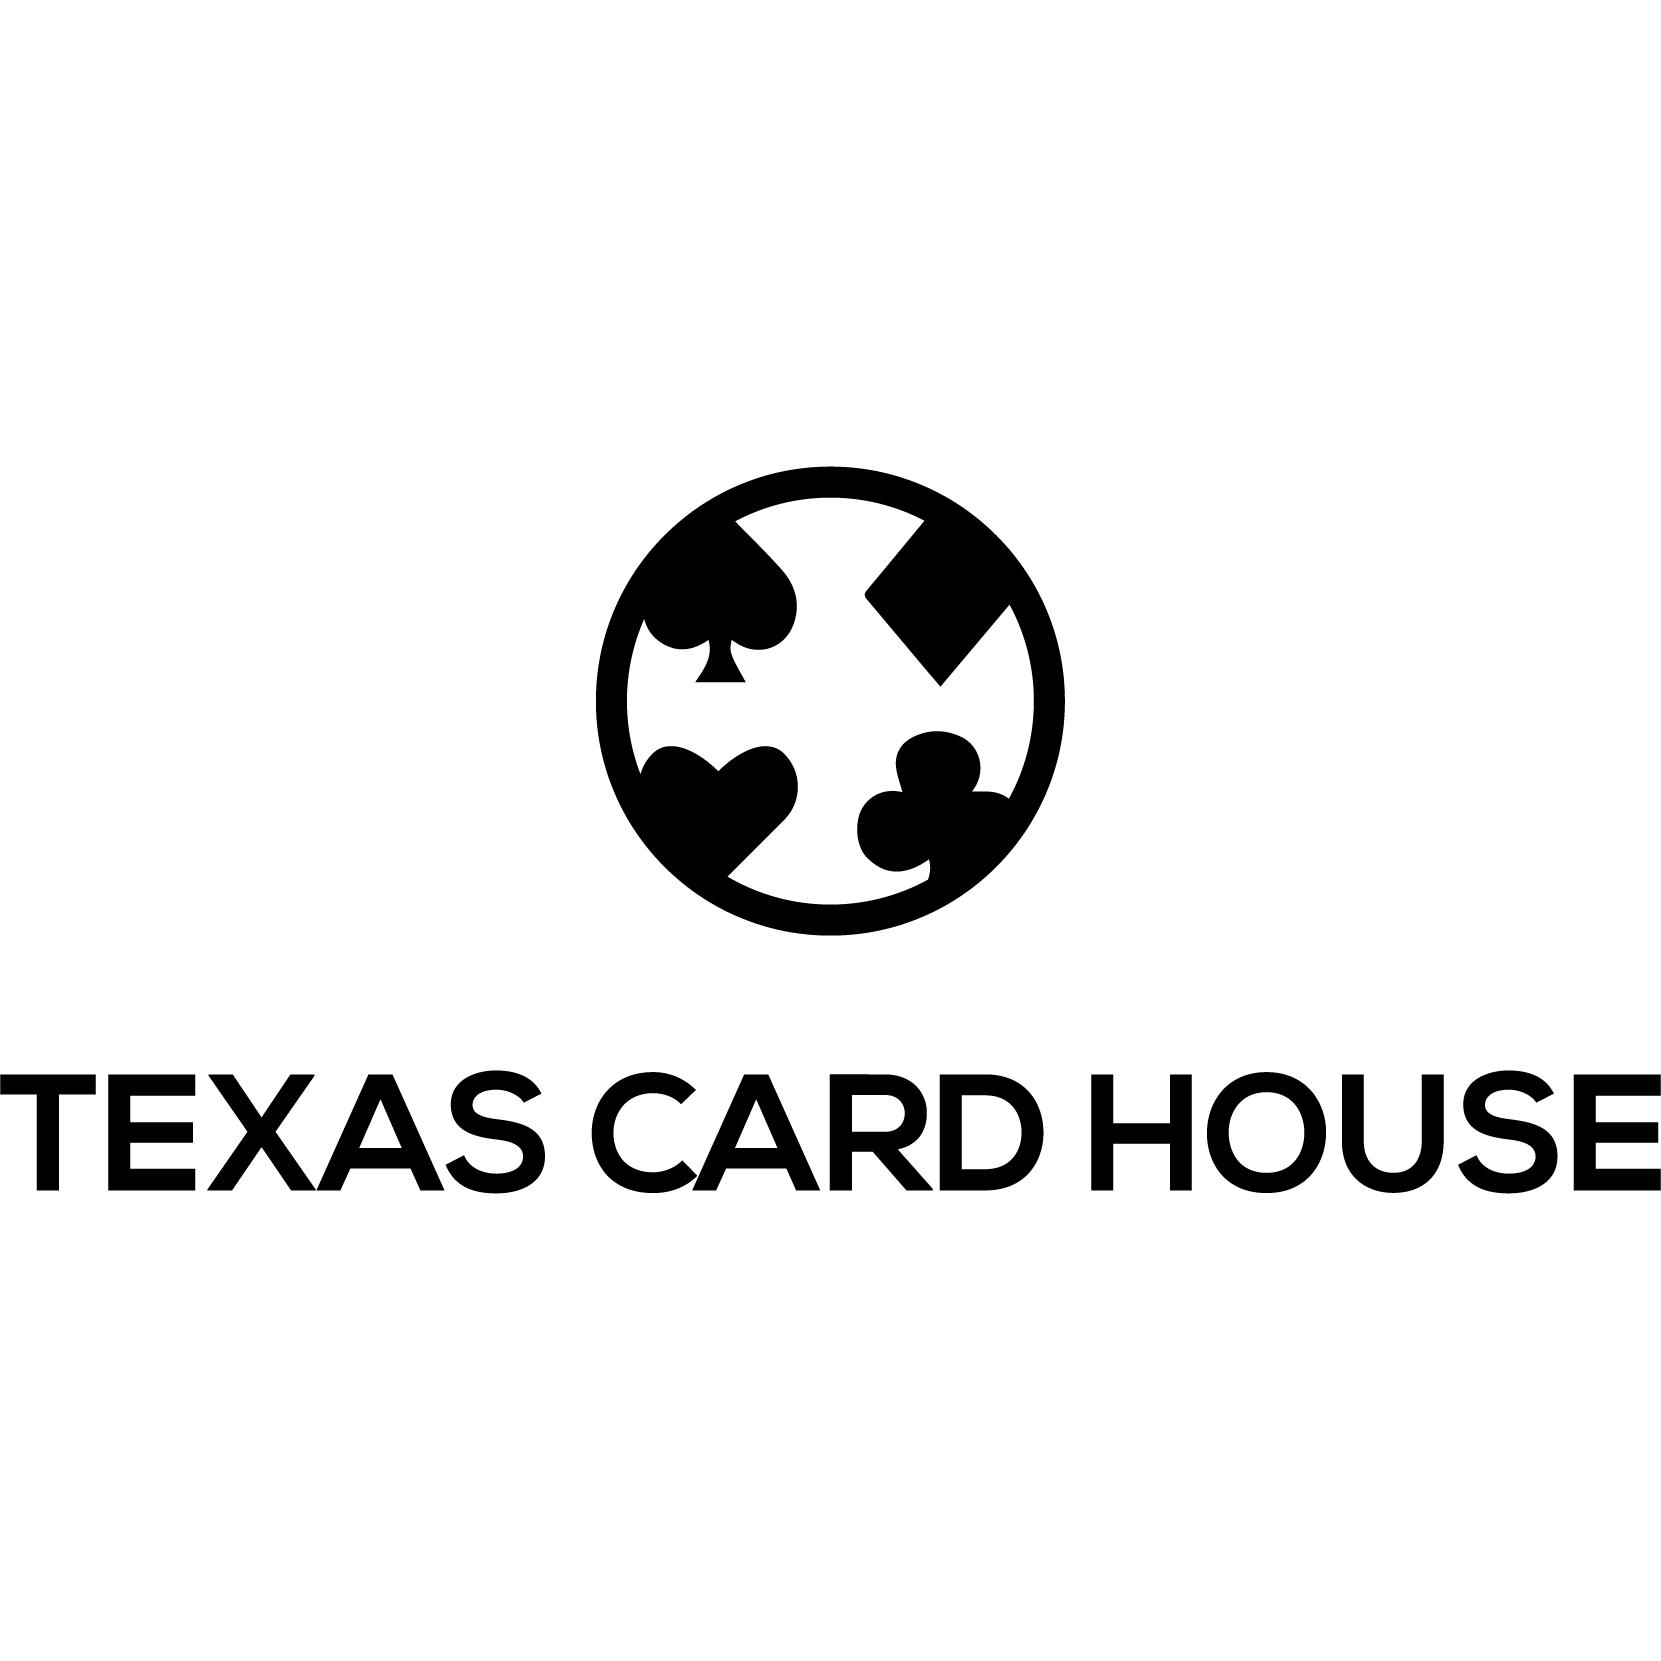 Texas Card House